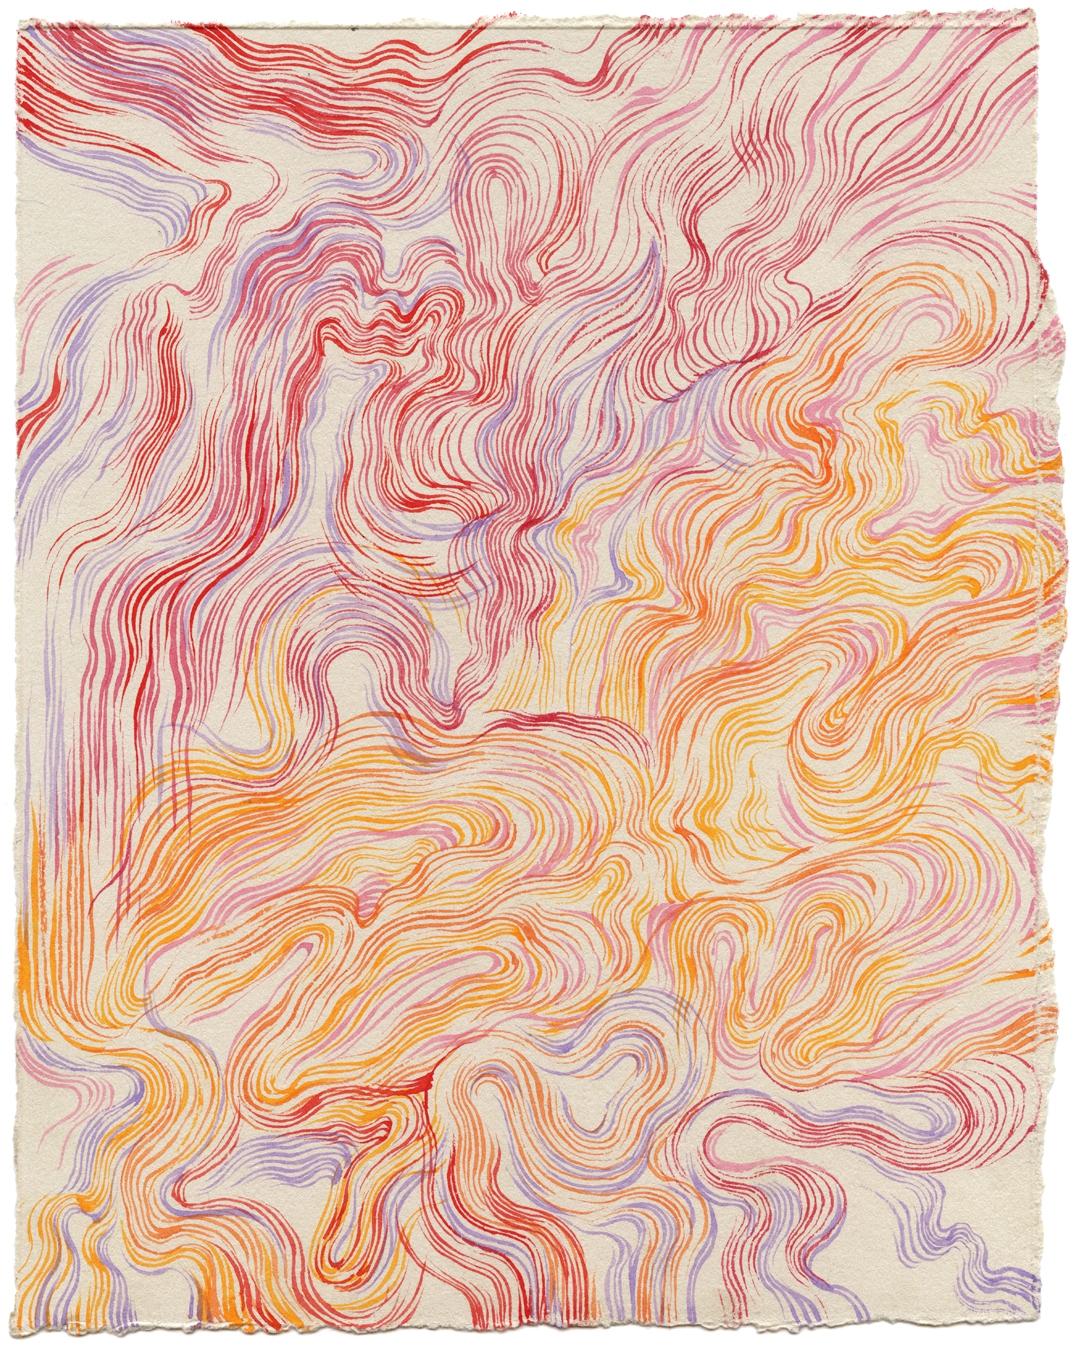 Rip IX Watercolor paper, 7x9 20 - jacobvanloon | ello